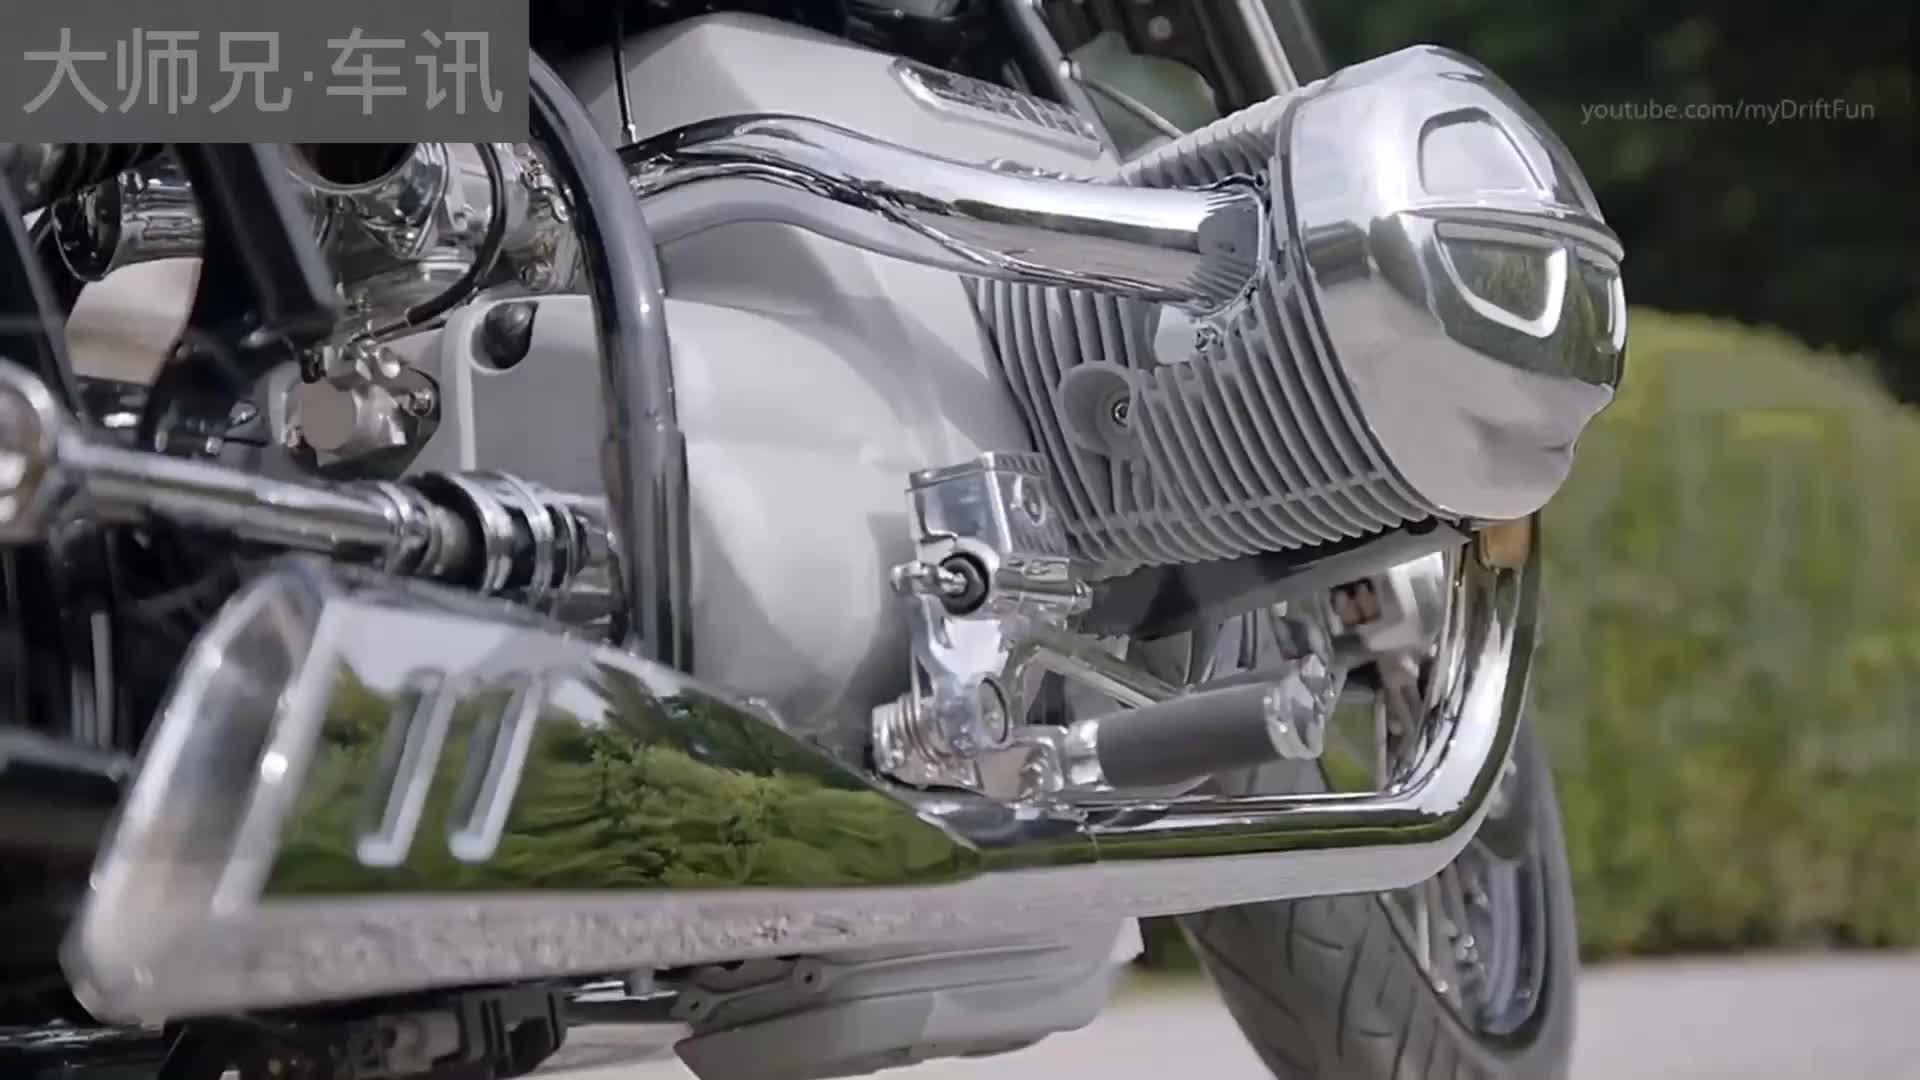 宝马概念摩托 R18 完美的让你无可挑剔!